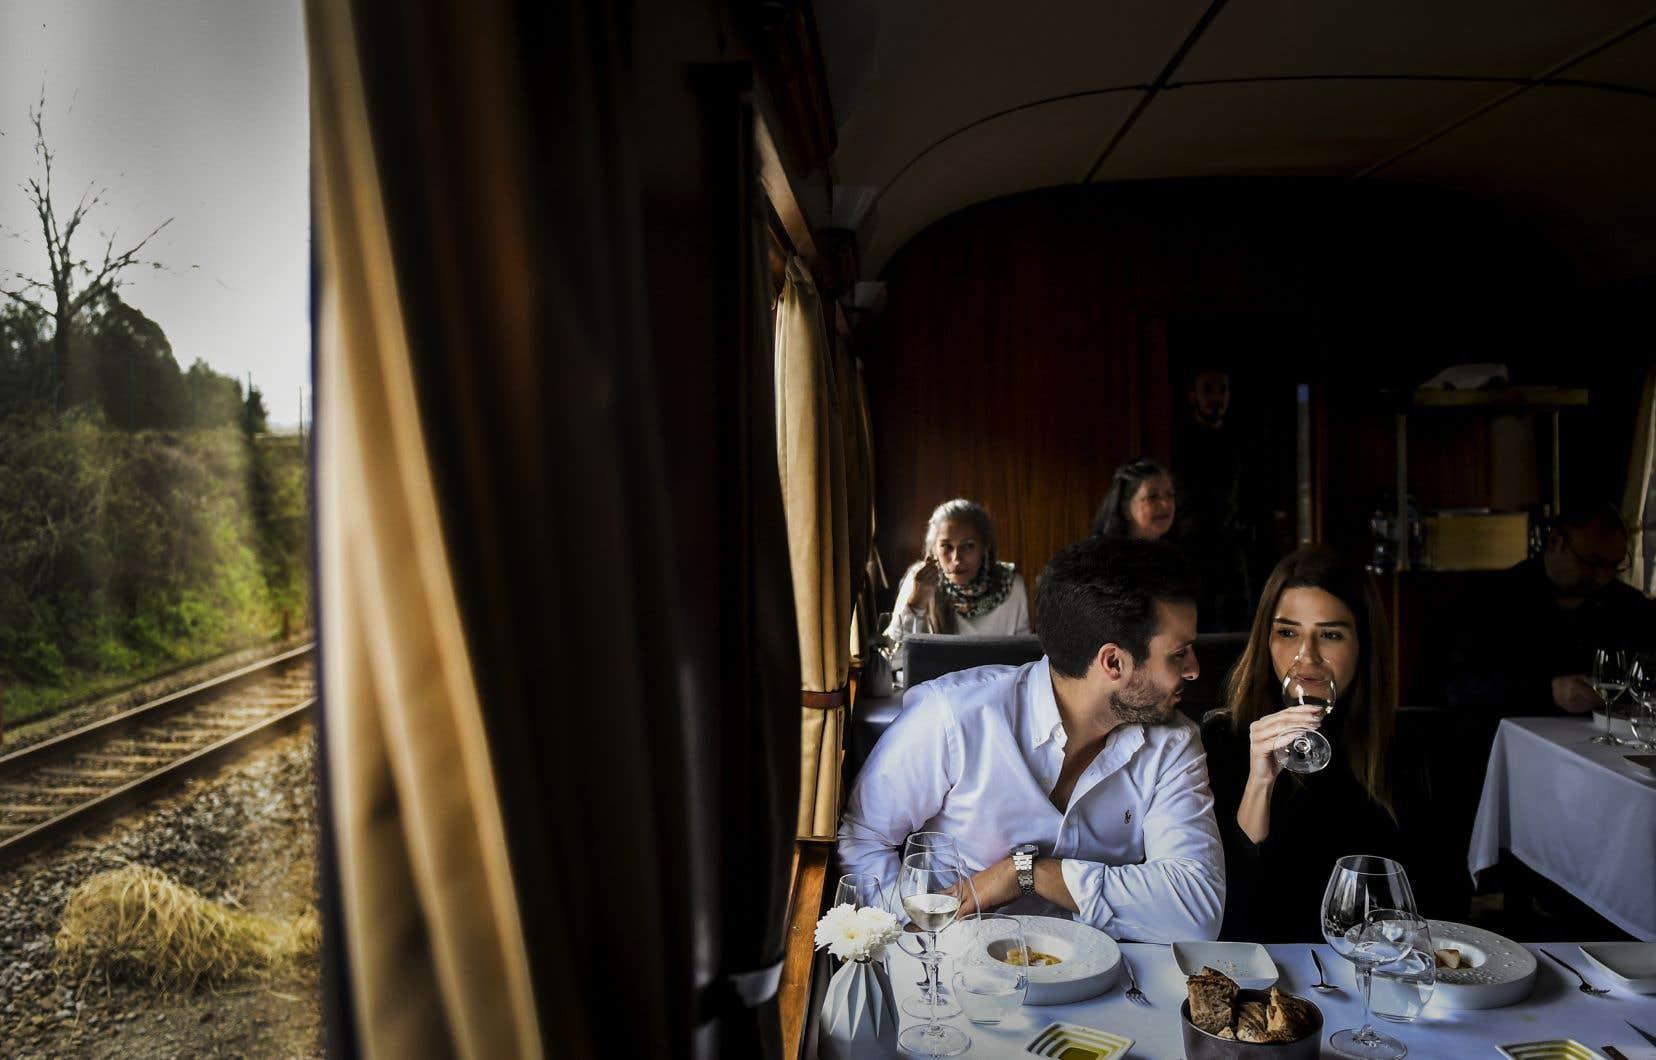 Les millénariaux, toujours à la recherche de nouvelles expériences, sont à l'origine d'une redéfinition du voyage de luxe.